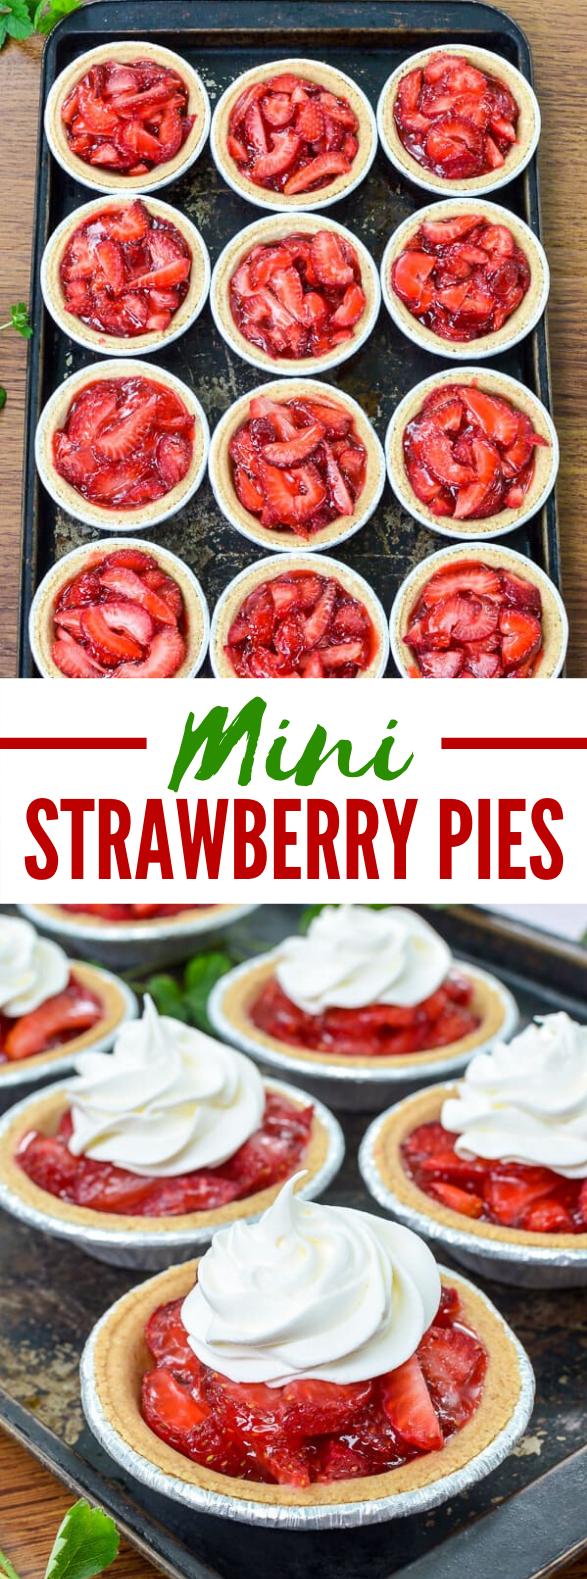 MINI STRAWBERRY PIES #desserts #summerdessert